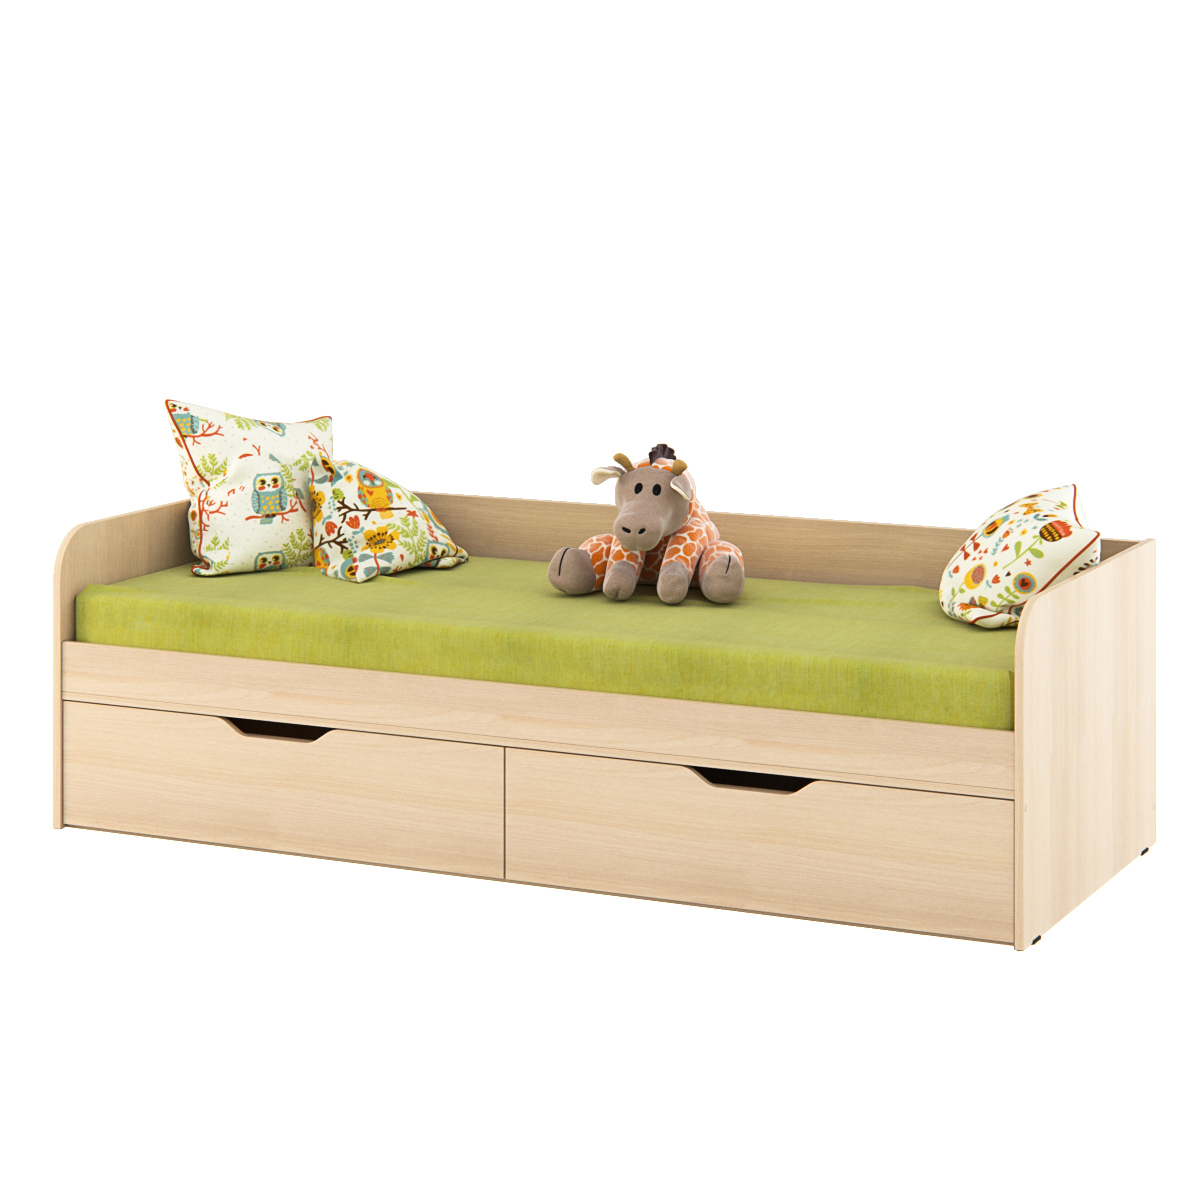 Бежевая детская кровать с двумя ящиками